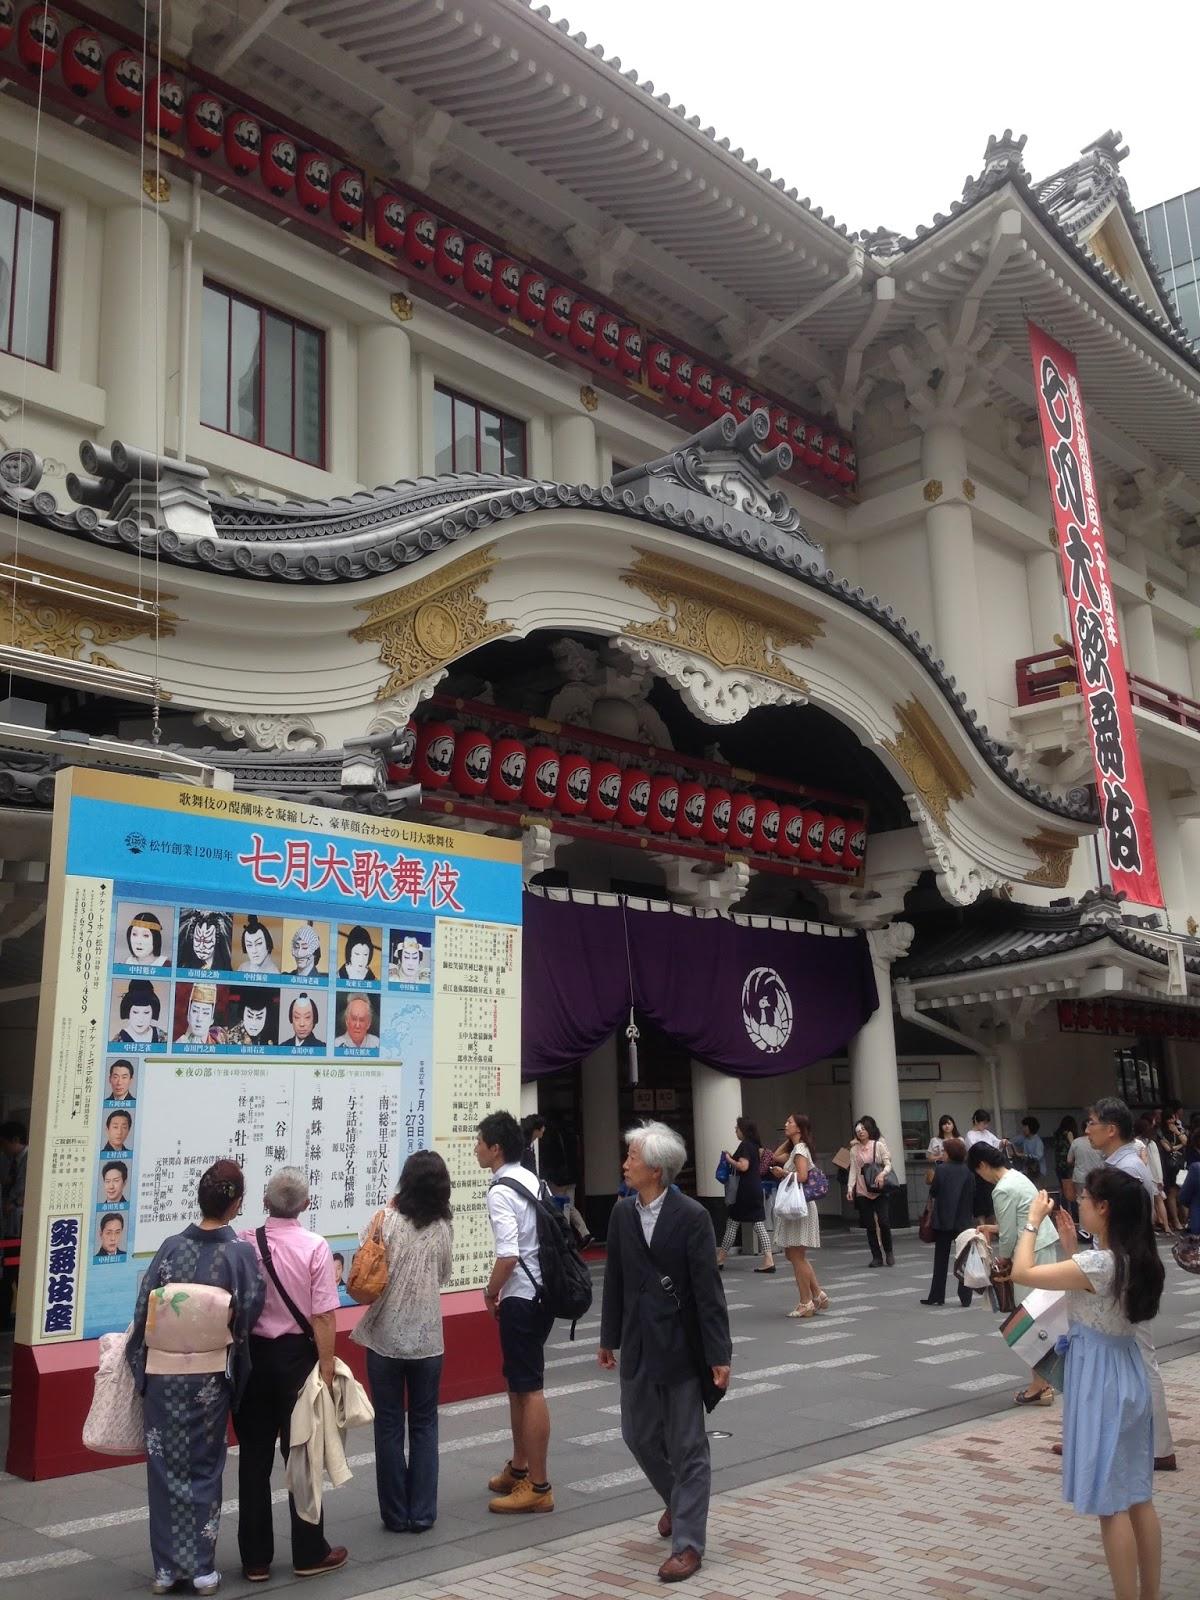 7月5日(土) 歌舞伎座 観劇会・・・?